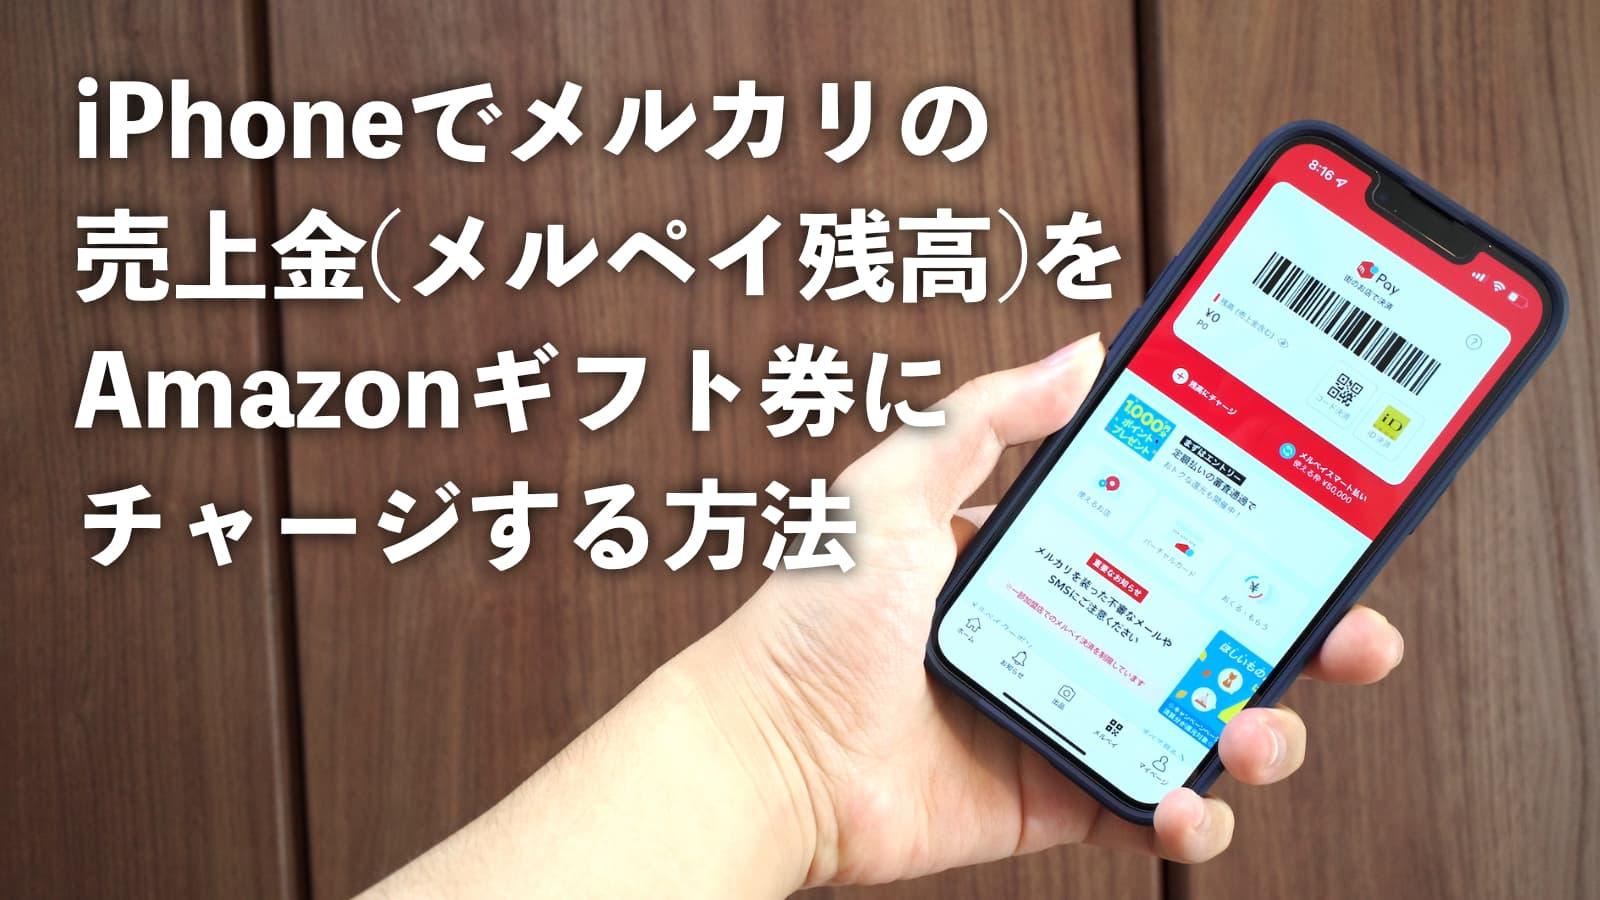 iPhoneでメルカリの売上金をAmazonギフト券にチャージする方法